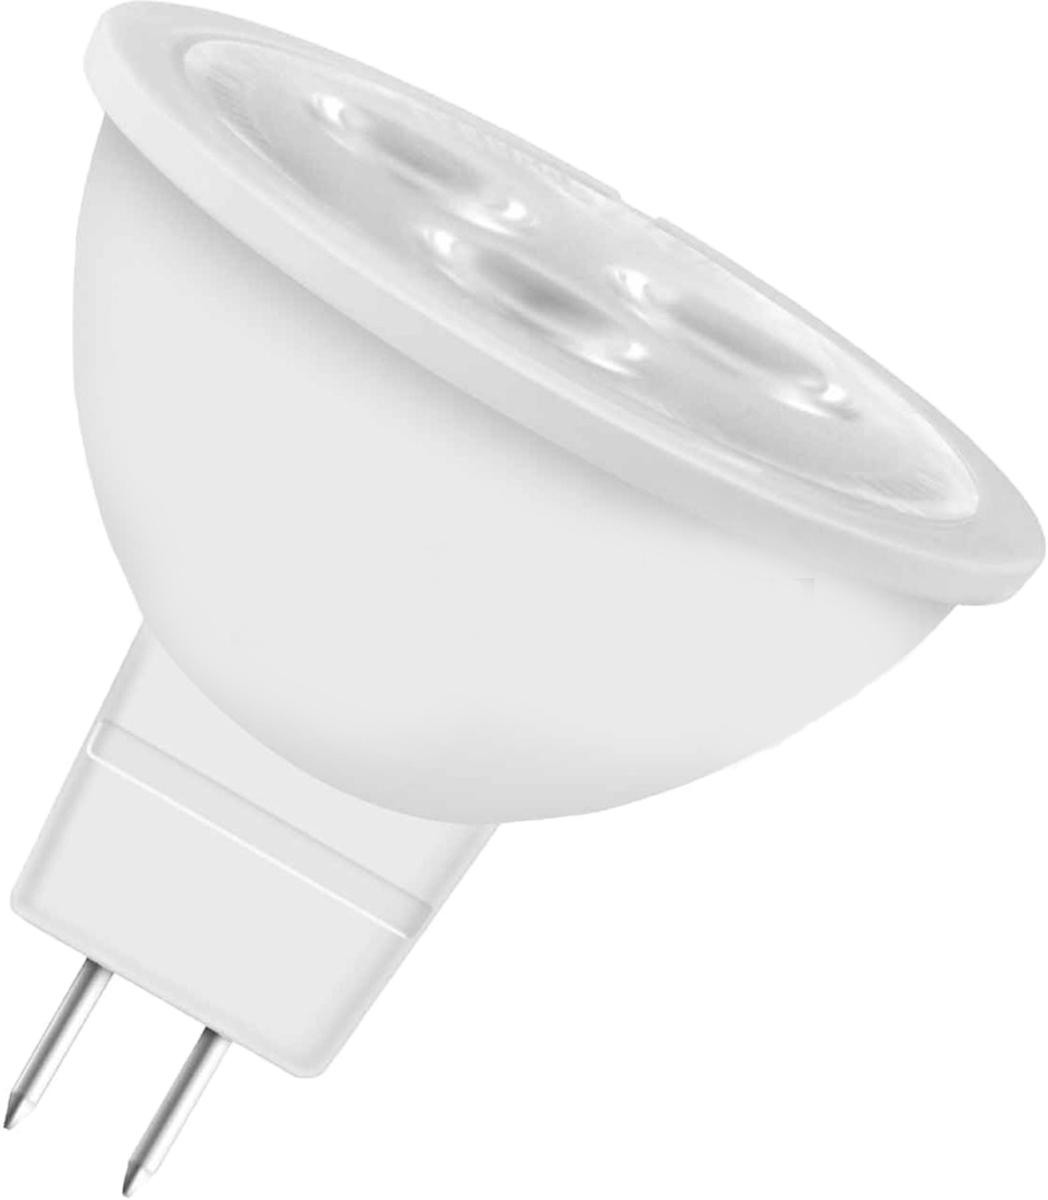 Лампа светодиодная Osram Star MR16 20 3.8W/850 220-240V GU5.3 40528992375134052899237513Светодиодные лампы MR16, PAR16 предназначены для использования в точечных светильниках.Рекомендуются для общего и акцентного освещения интерьеров, подсветки витрин, световой рекламы.В качестве источника света используют светодиоды (англ. Light-Emitting Diode, сокр. LED), применяются для бытового, промышленного и уличного освещения. Светодиодная лампа является одним из самых экологически чистых источников света. Принцип свечения светодиодов позволяет применять в производстве и работе самой лампы безопасные компоненты. Светодиодные лампы не используют веществ, содержащих ртуть, поэтому они не представляют опасности в случае выхода из строя или повреждения колбы.